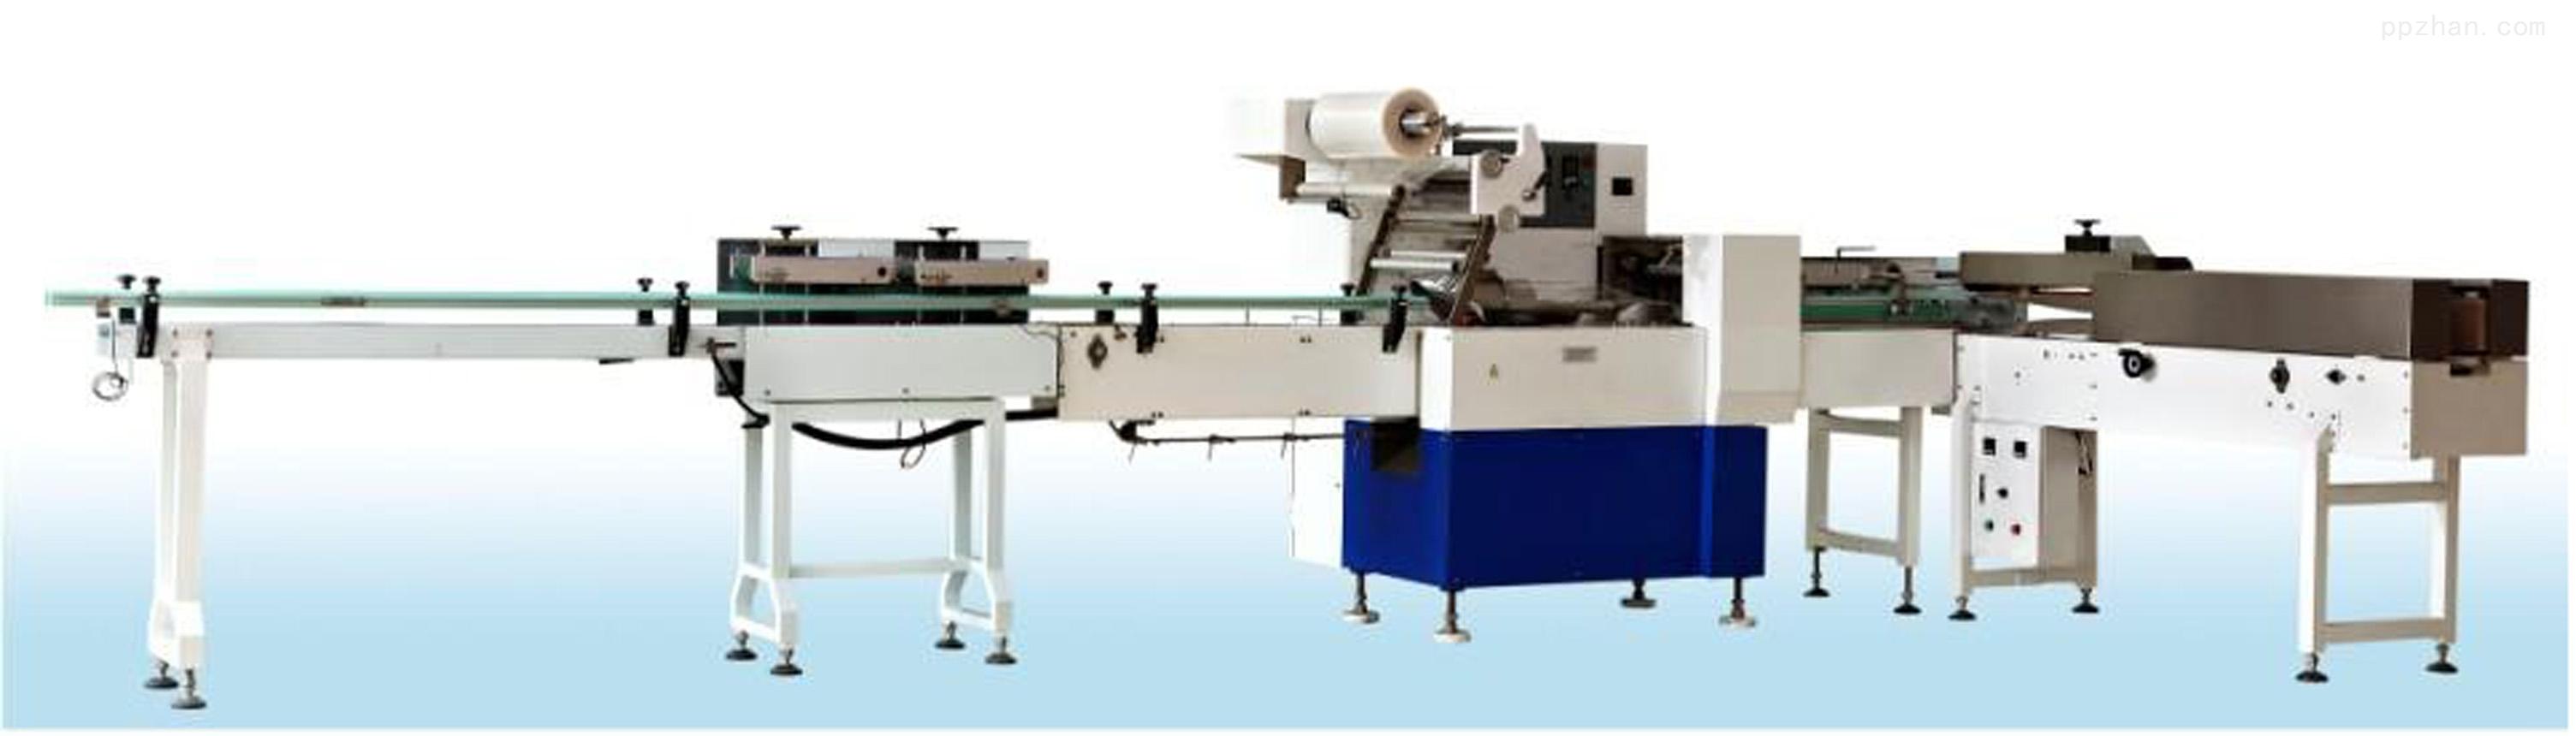 江苏盐城全自动卷筒纸包装机